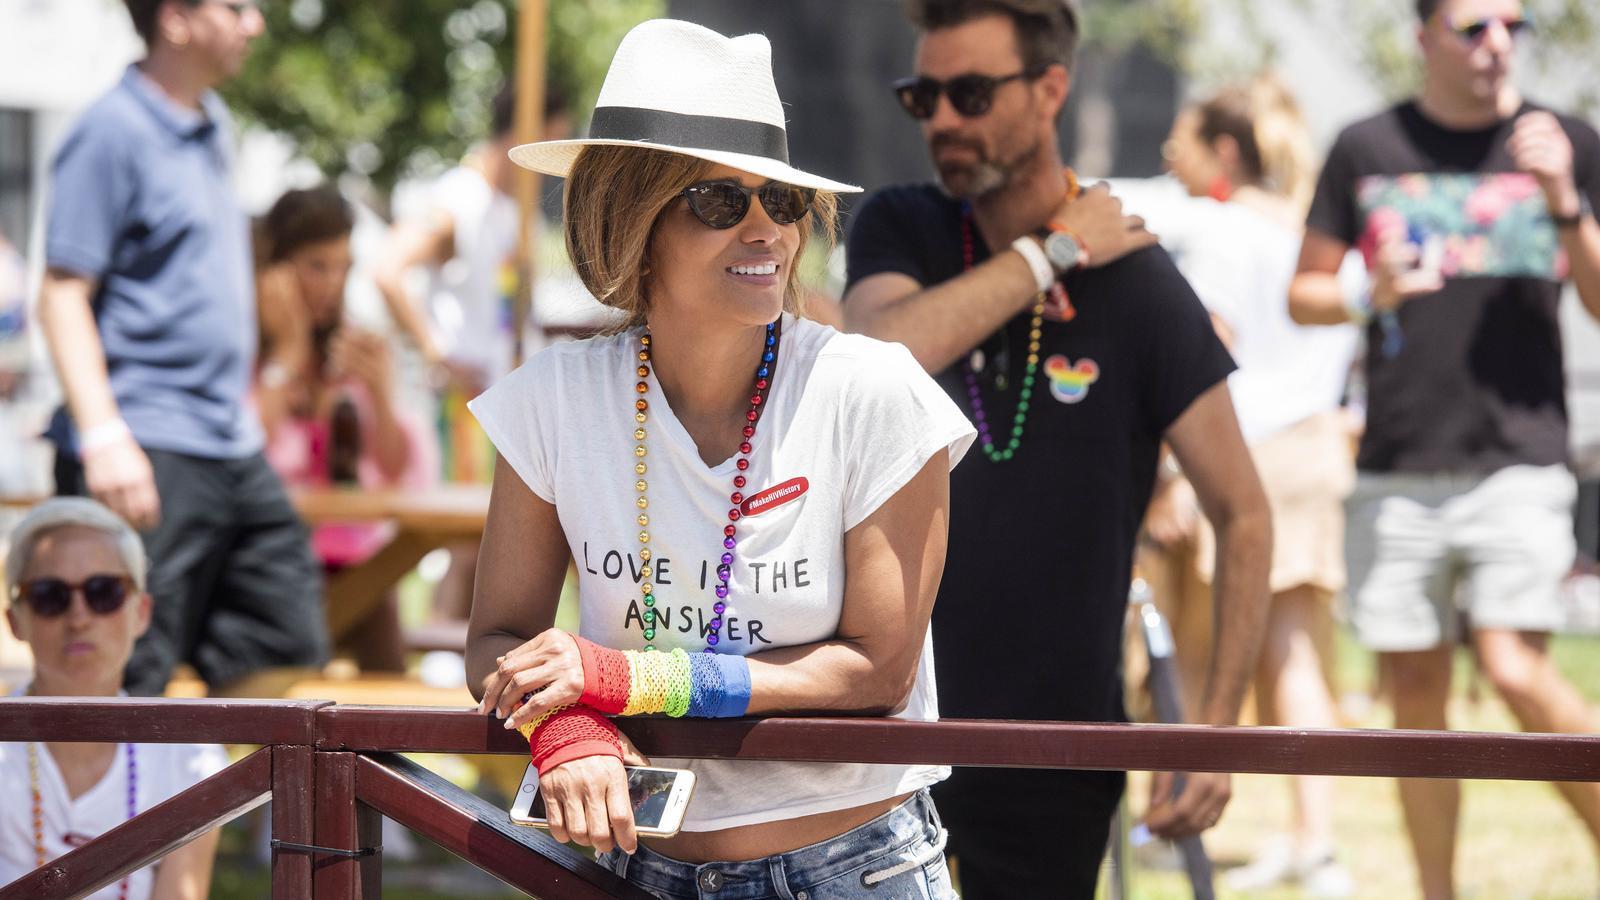 Imatge del 9 de Juny del 2019 de Halle Berry a la Pride Parade de Hollywood